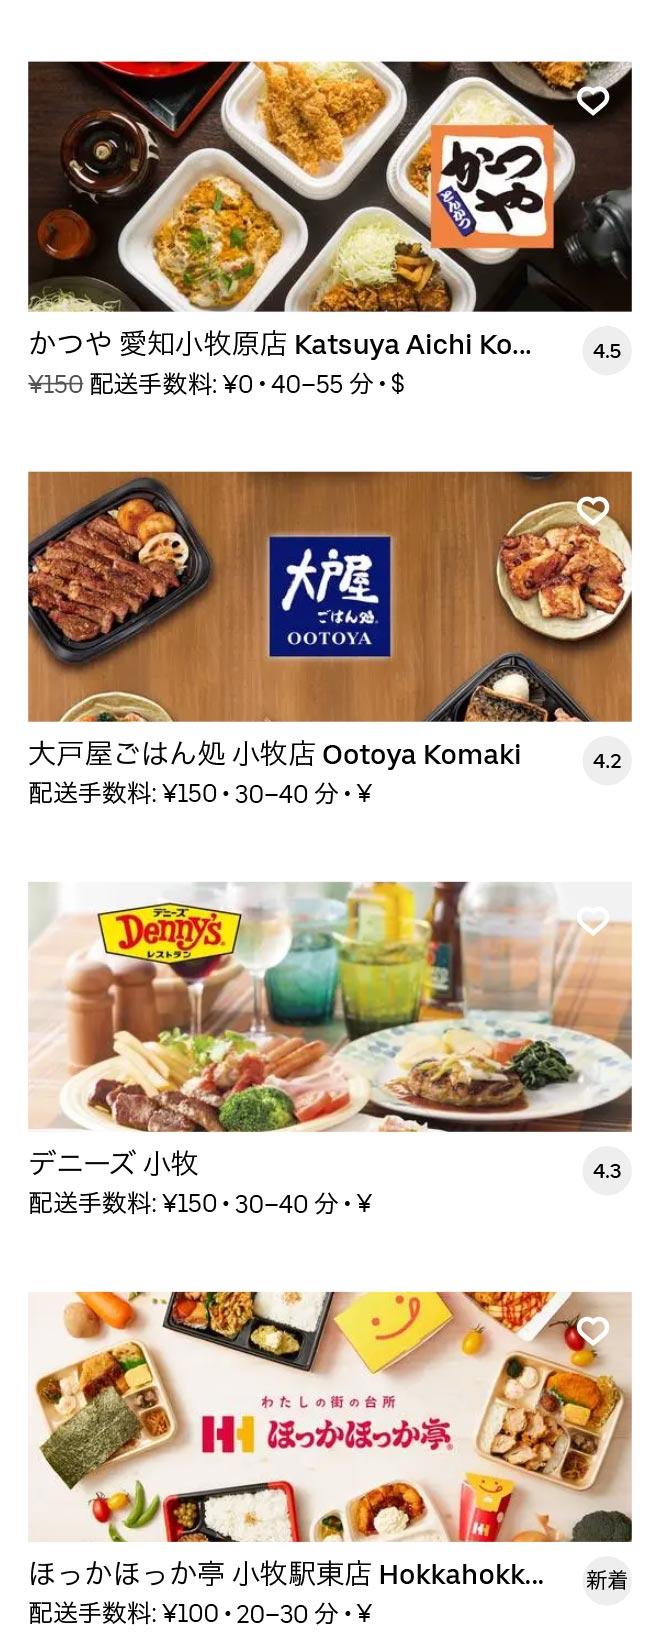 Komaki menu 2010 03